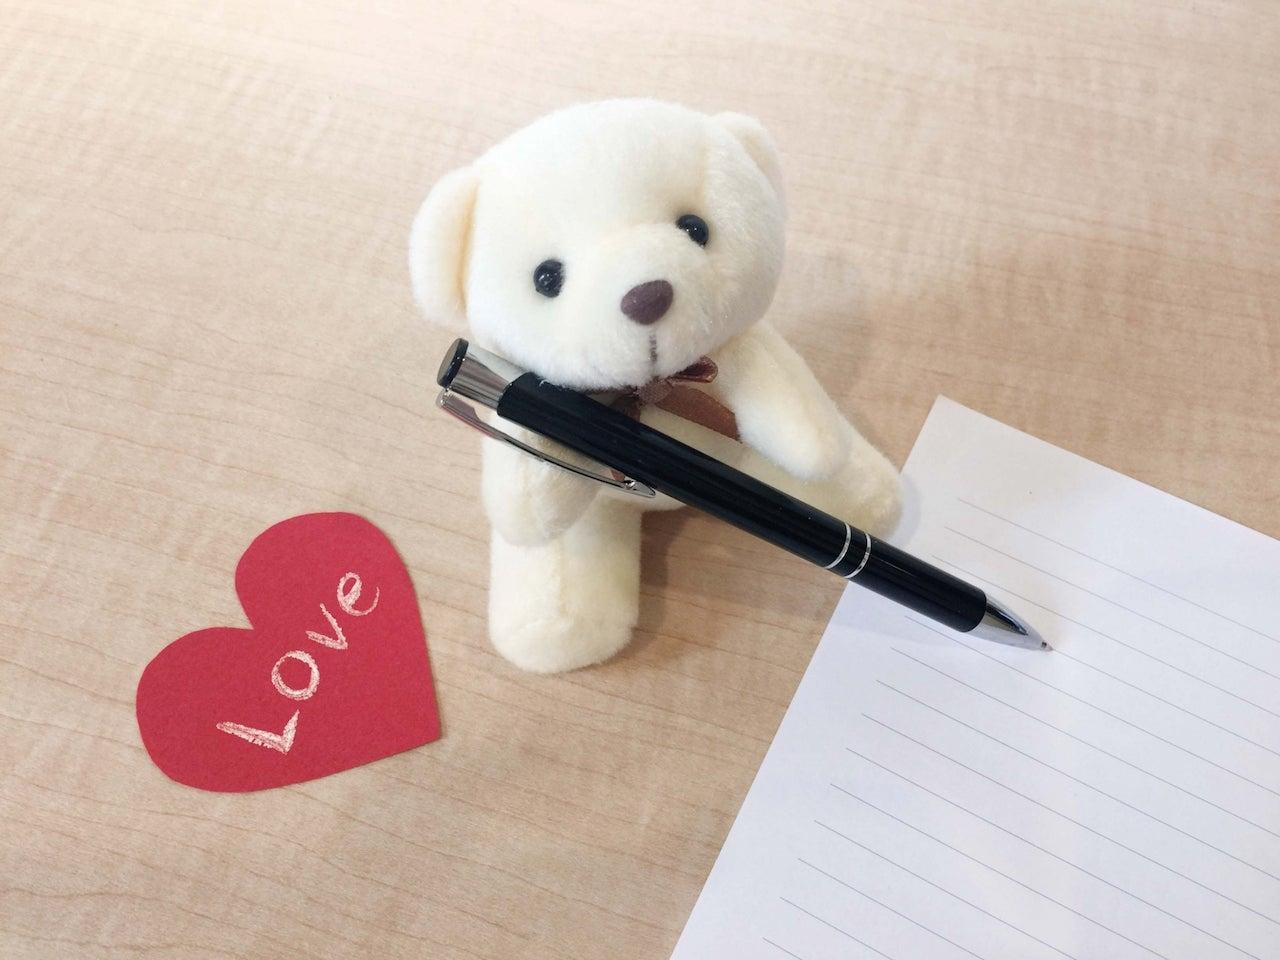 自分で書いた自分への恋文をみずから公開。己からの愛をさあ受け取れ、というサンプルはこちらです(笑)